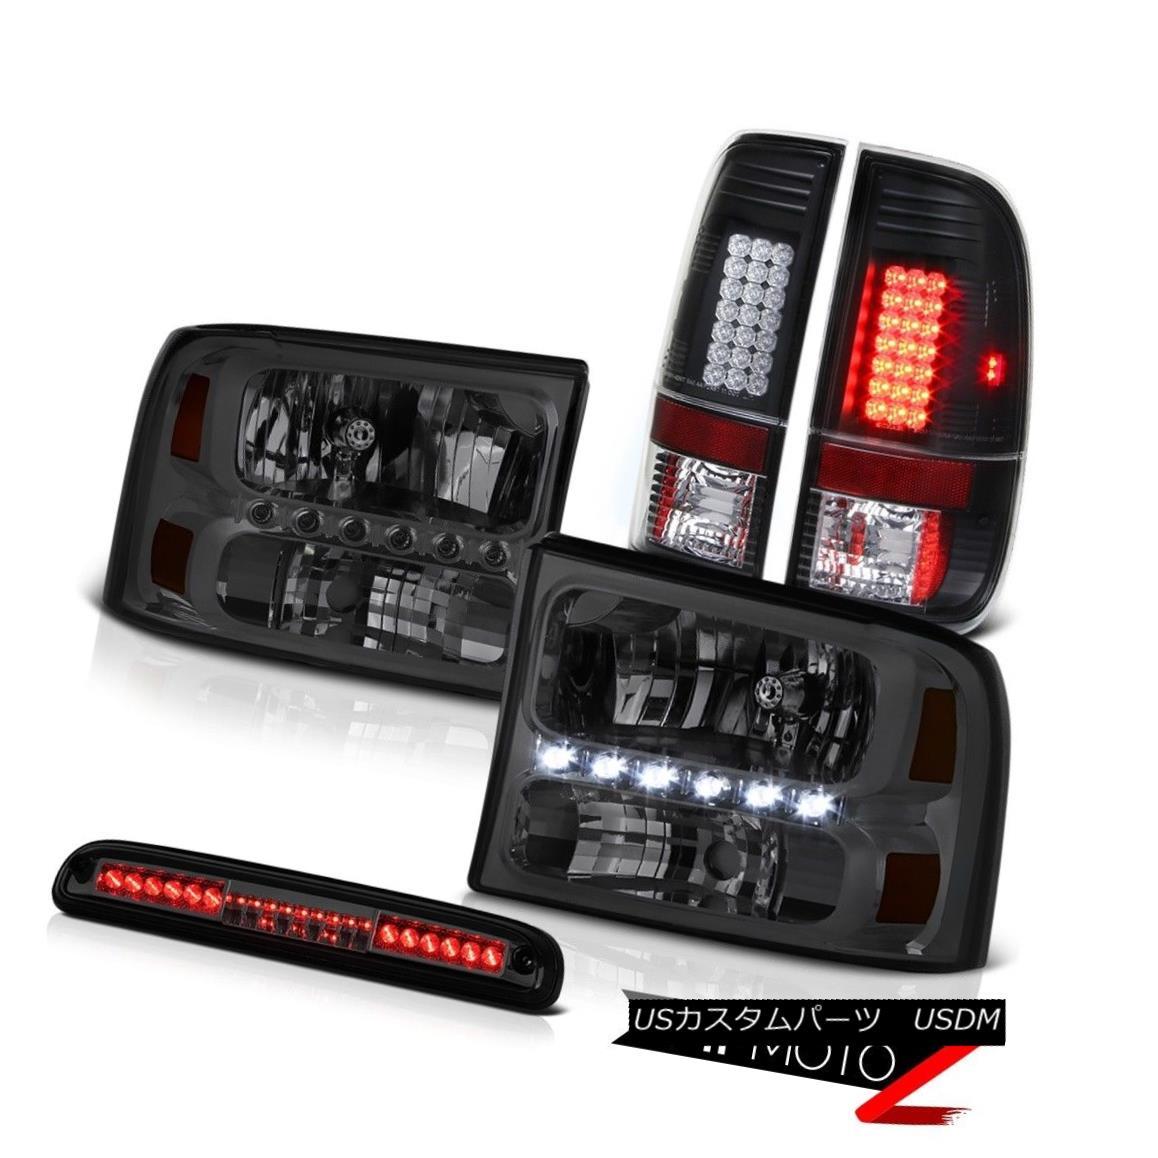 テールライト 99 00 01 02 03 04 F250 XLT Smoke Headlights Tail Light Assembly LED Roof Cargo 99 00 01 02 03 04 F250 XLTスモークヘッドライトテールライトアセンブリLED屋根貨物